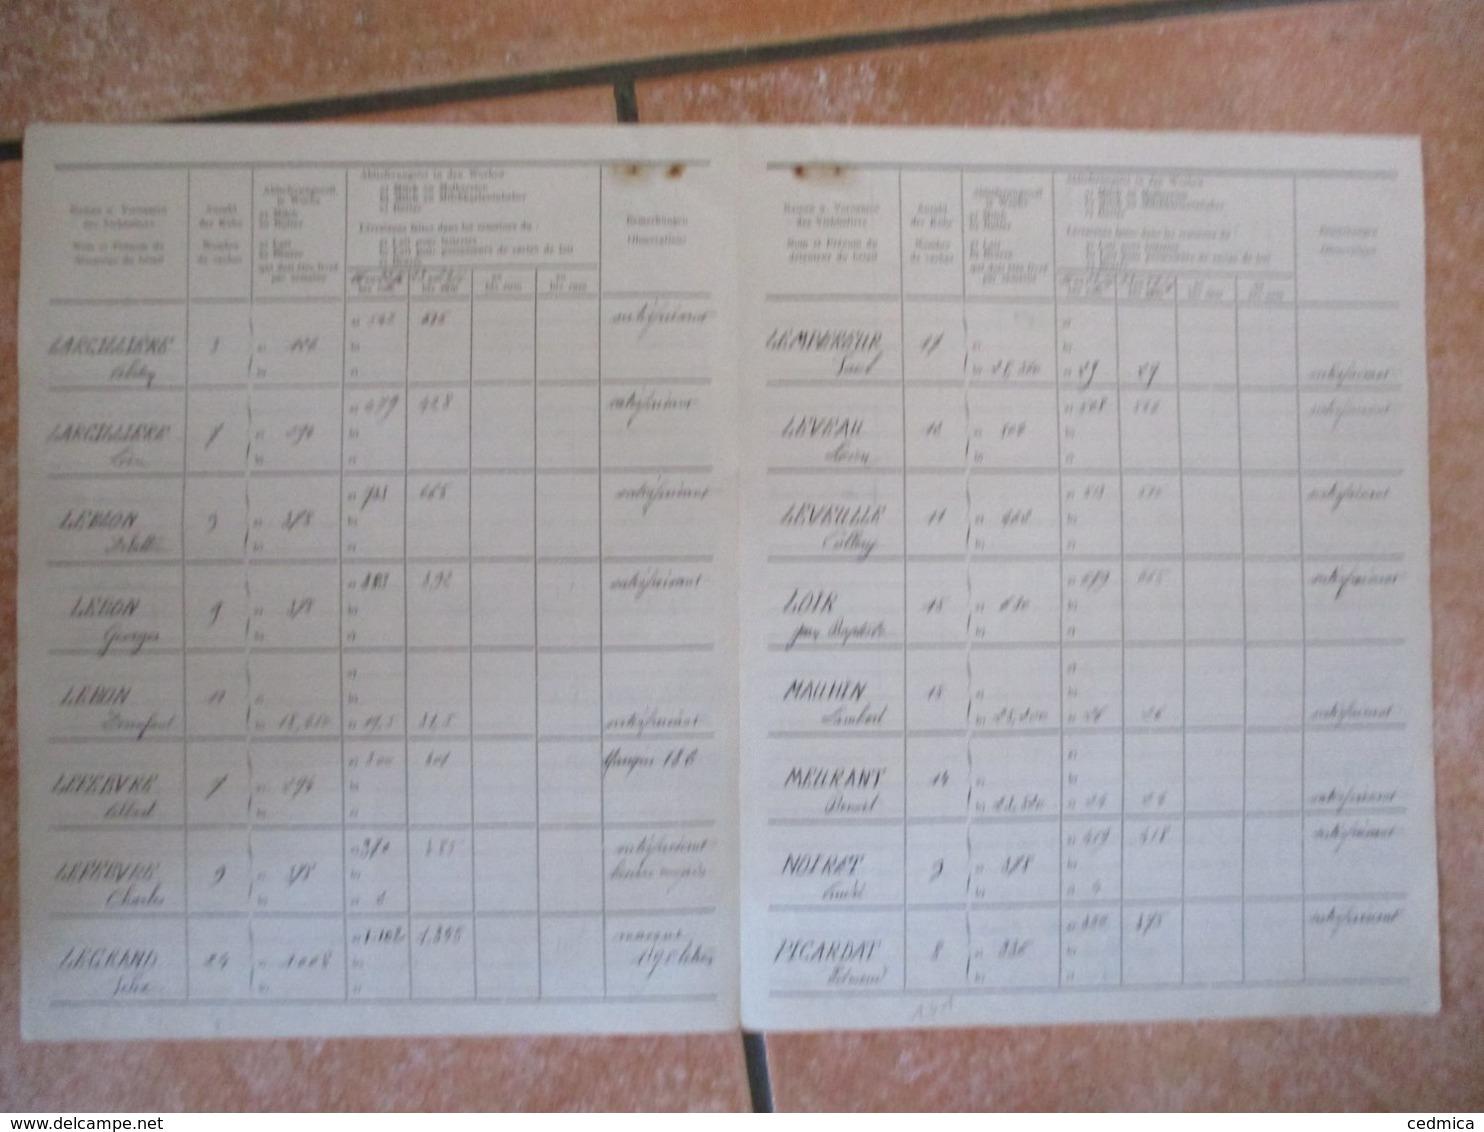 28 JUIN 1941LE MAIRE GODART GEMEINDE LA GROISE NAMEN U. VORNAMEN DES VIEHHALTERS ANZAL DER KÜHE ABLIEFERUNGSSOLL JE WOC - Documents Historiques